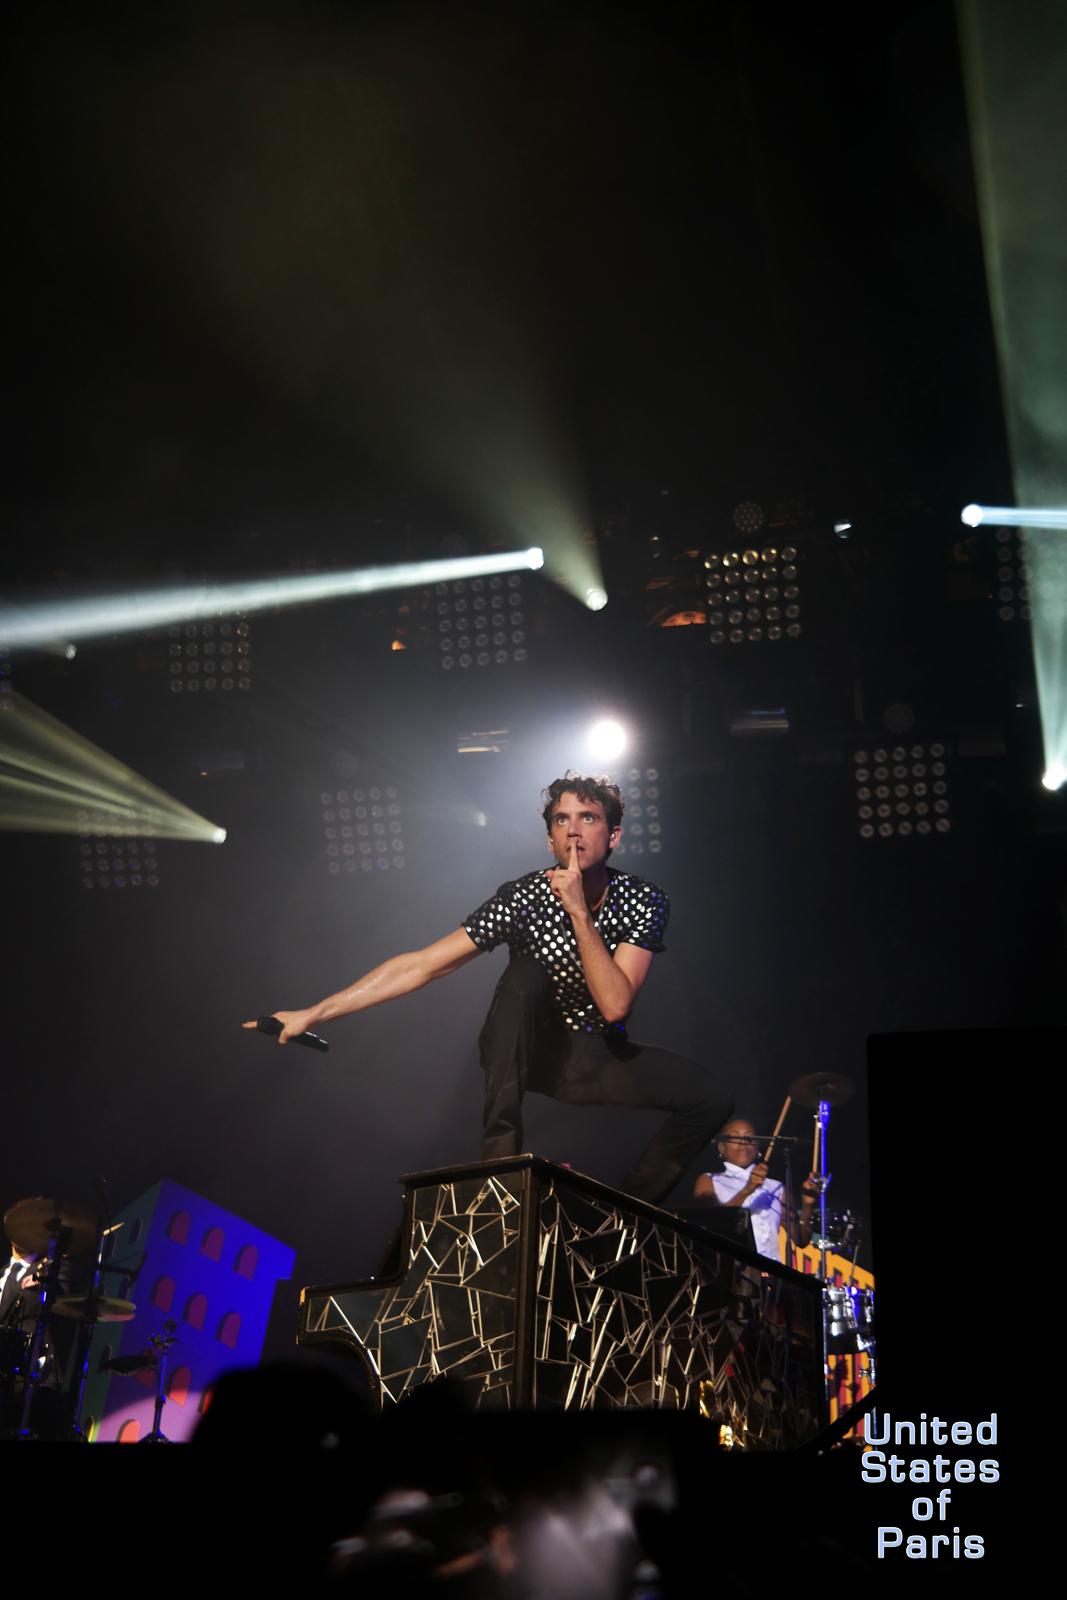 Mika-piano-concert-fnalive-2015-festival-live-music-tournée-no-place-in-heaven-tour-singer-chanteur-stage-photo-scène-by-united-states-of-paris-blog